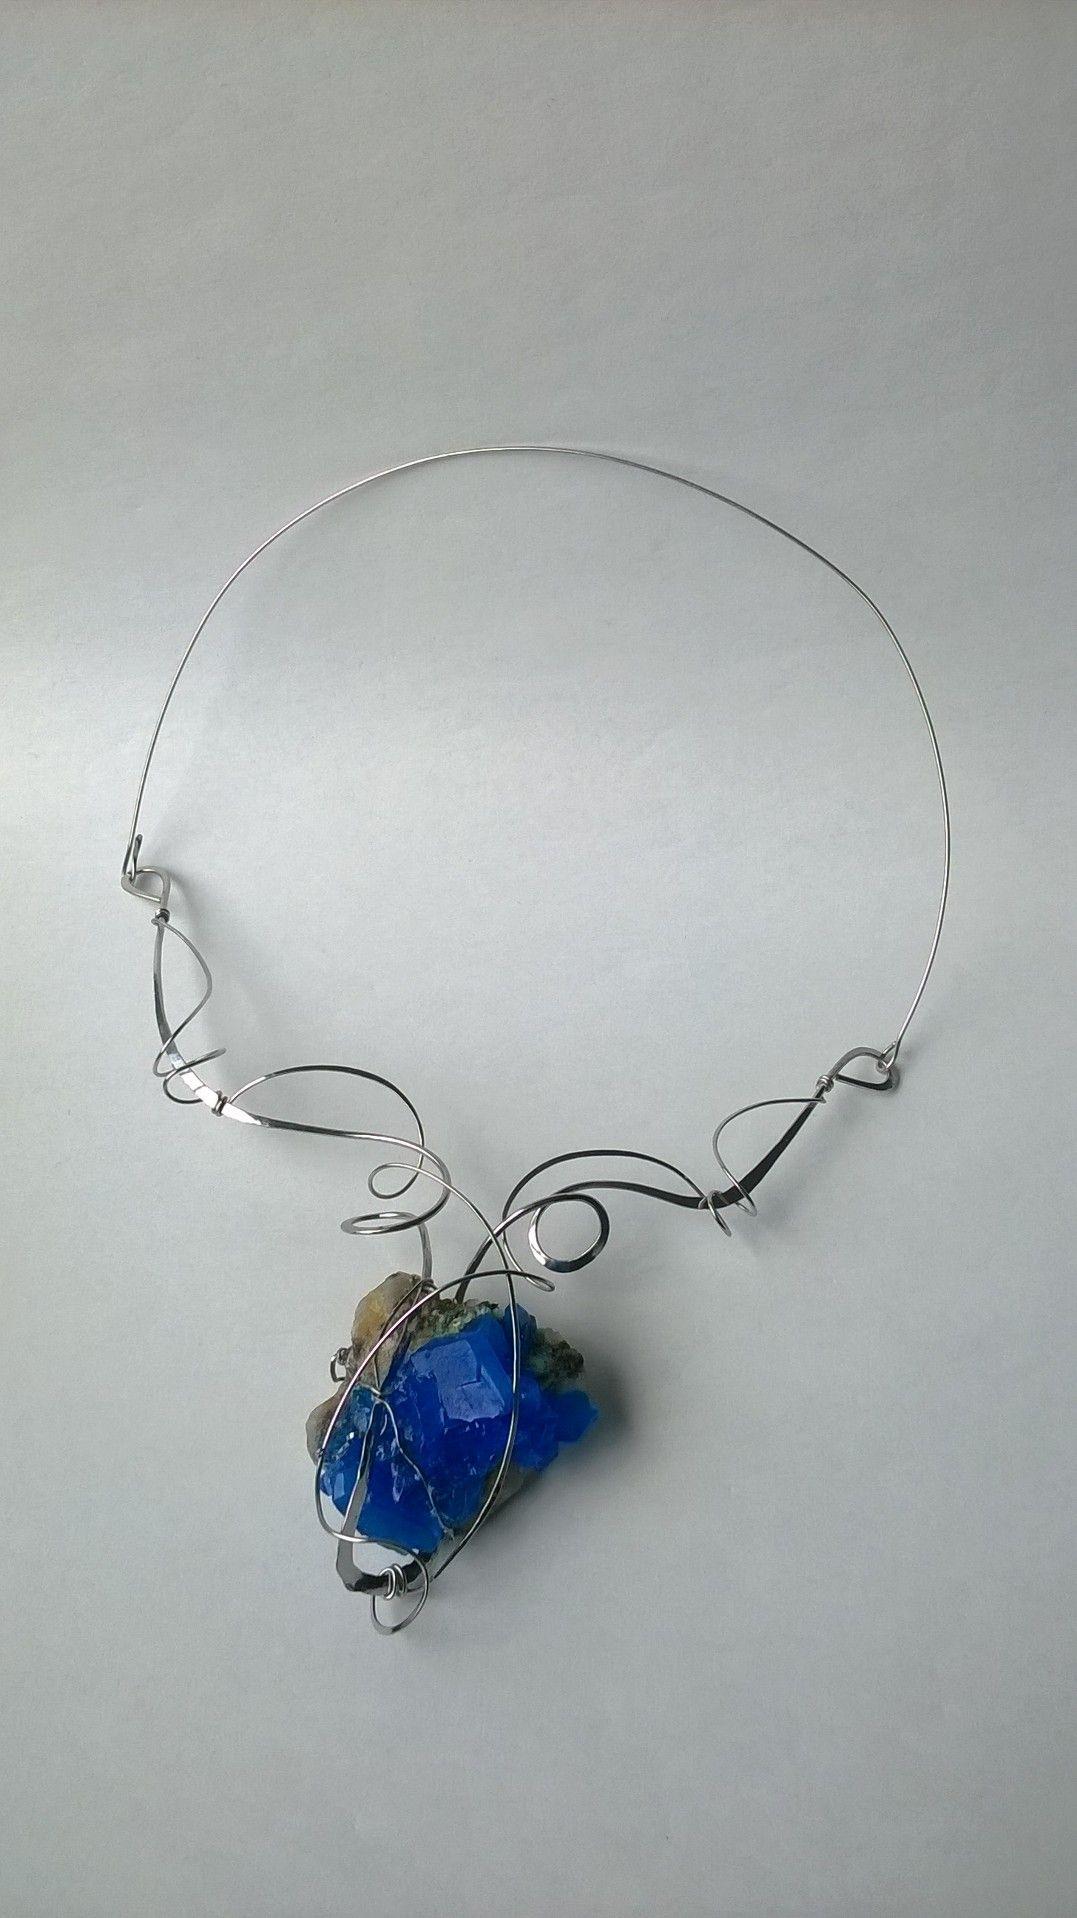 Náhrdelník+HRD1+s+modrou+skalicí+Autorský+šperk.+Originál,+který+existují+pouze+vjednom+jediném+exempláři.+Vše+vyrobeno+ručně.+Tepané,+ohýbané,+tvarované+z+chirurgického+drátu+zdobené+chalkantitem,+nádhernou+modrou+sklaicí+nakrystalizovanou+na+podkladním+kameni.Větší+krystalyo+délce+hrany+až+přes+5+cm,+zcela+dokonalé,+výrazně+sytě+modré,jsou+vždy+uměle...